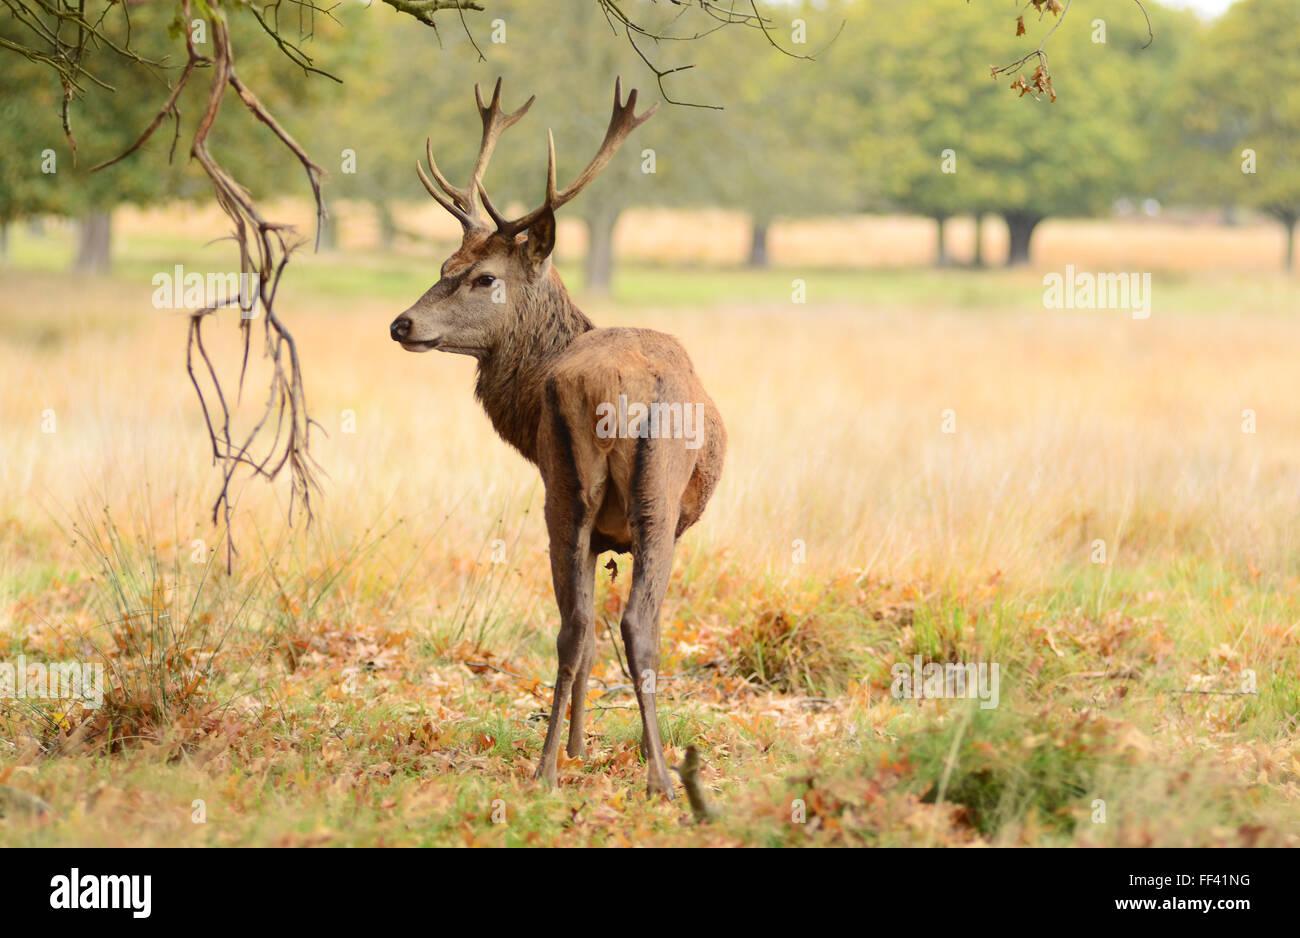 Deer trough the grass Stock Photo